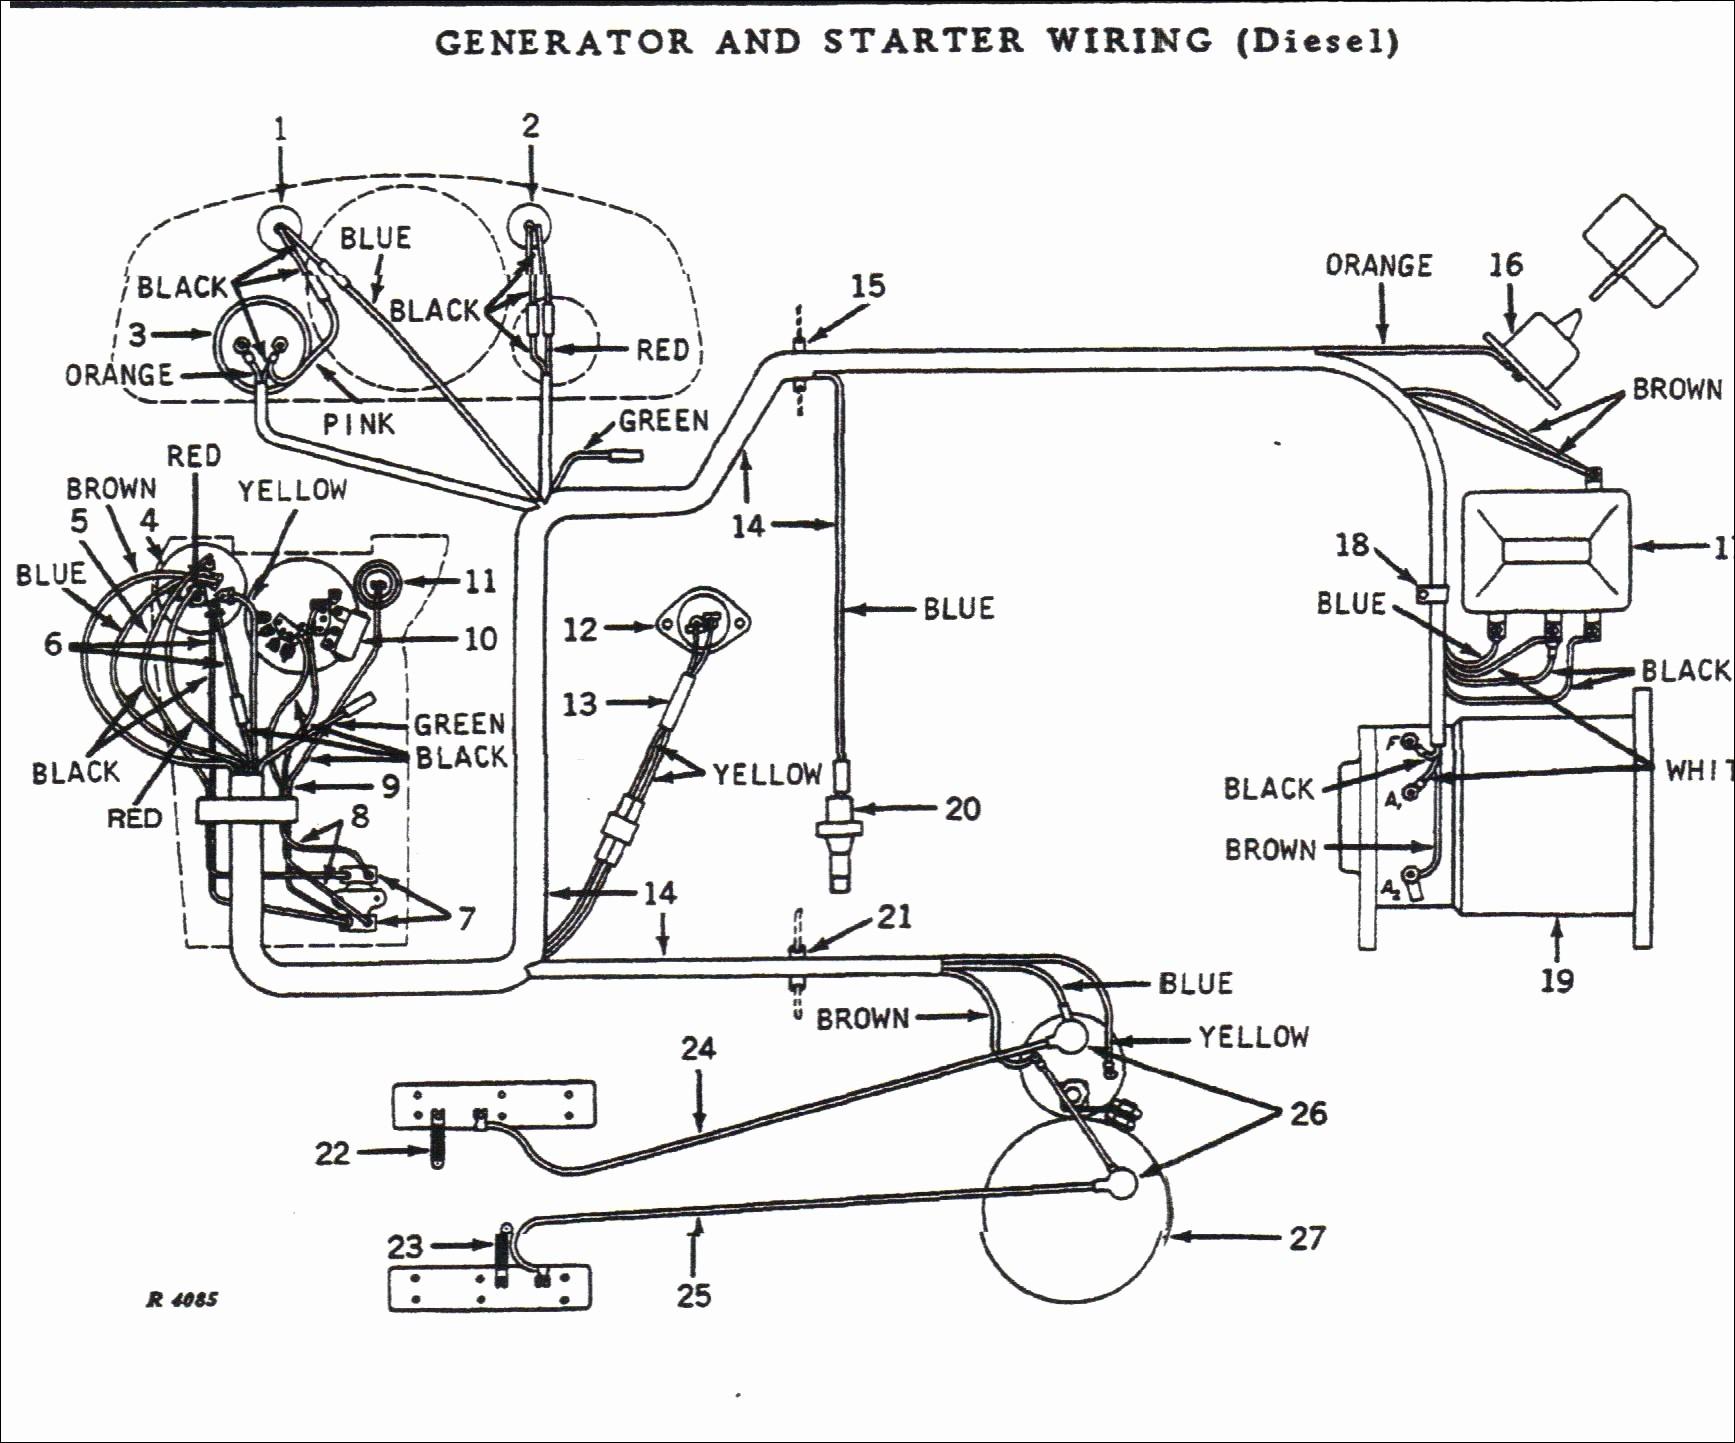 12 Volt Hydraulic Pump Wiring Diagram Awesome 12 Volt Hydraulic Pump Wiring Diagram In Od 24